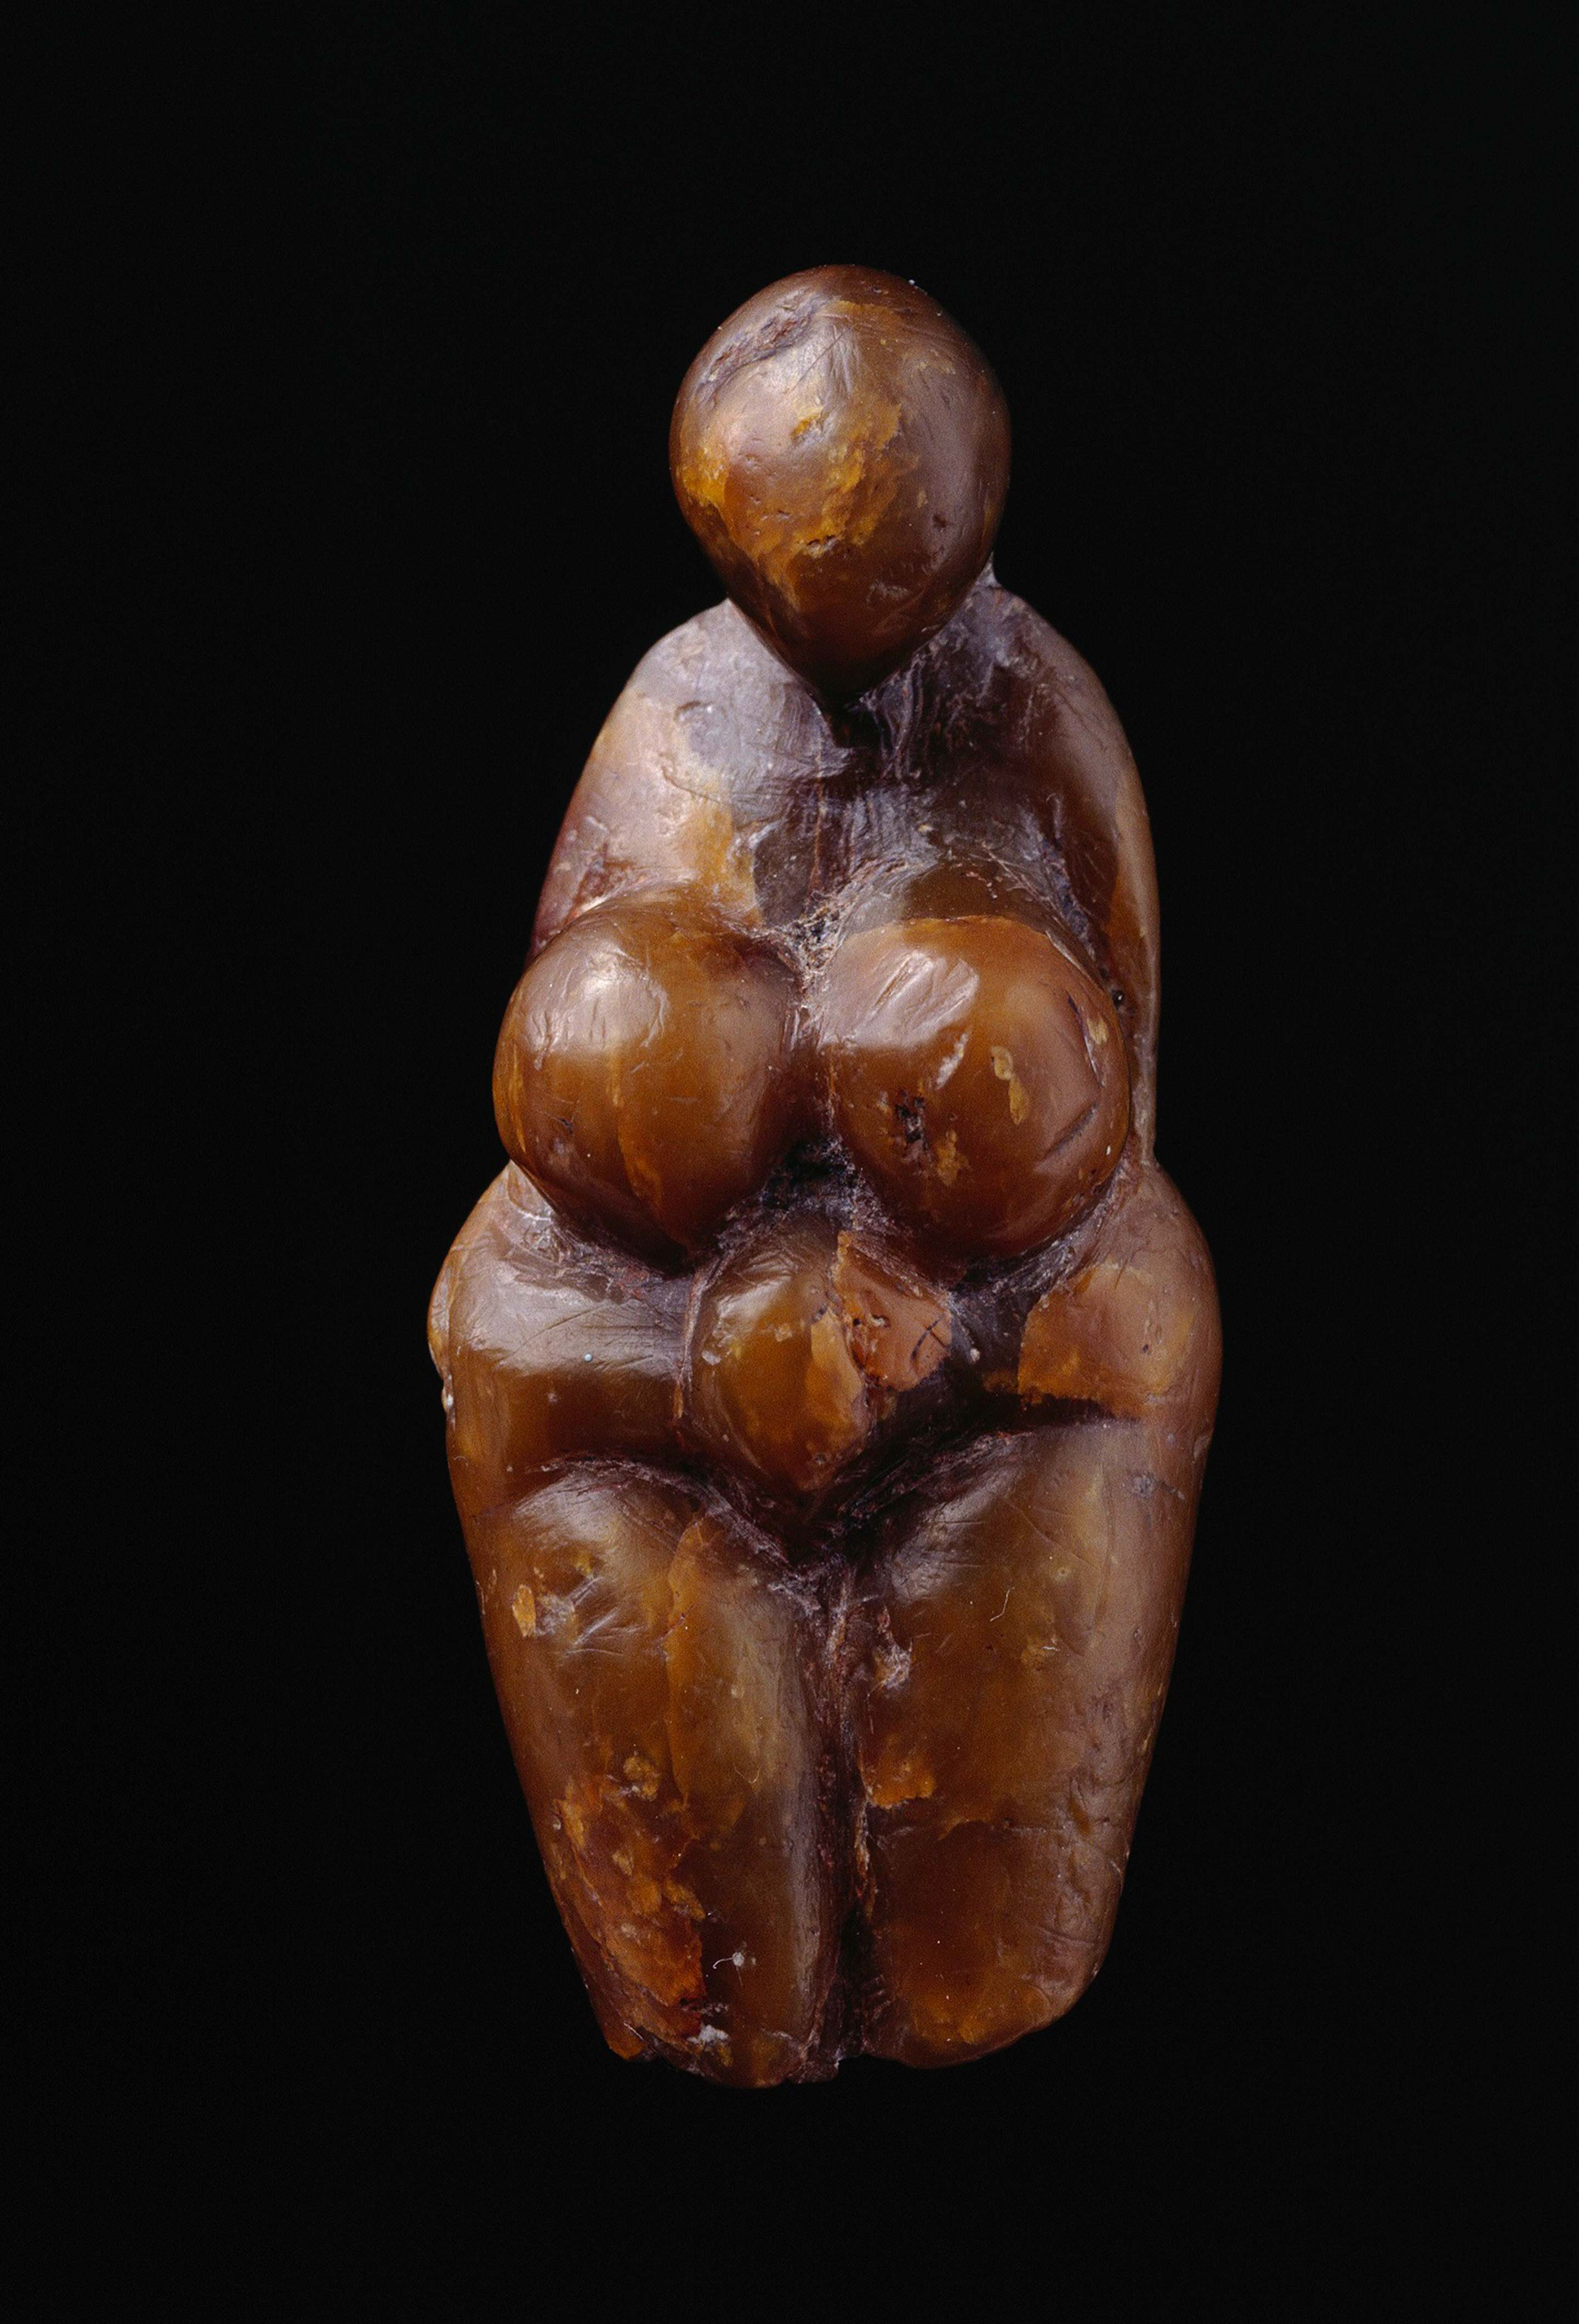 <ヴィーナス> 丸みのある成熟した女性を表した旧石器時代ヴィーナスの一つ。この時期にヨーロッパ各地で、このような胸や尻が大きく誇張された女性像が制作されていた。 グリマルディ洞窟遺跡(イタリア)出土、グラヴェット文化(約3万4,000年から2万5,000年前)、褐色の凍石製。 Photo © RMN-Grand Palais (musée d'Archéologie nationale) / Jean-Gilles Berizzi